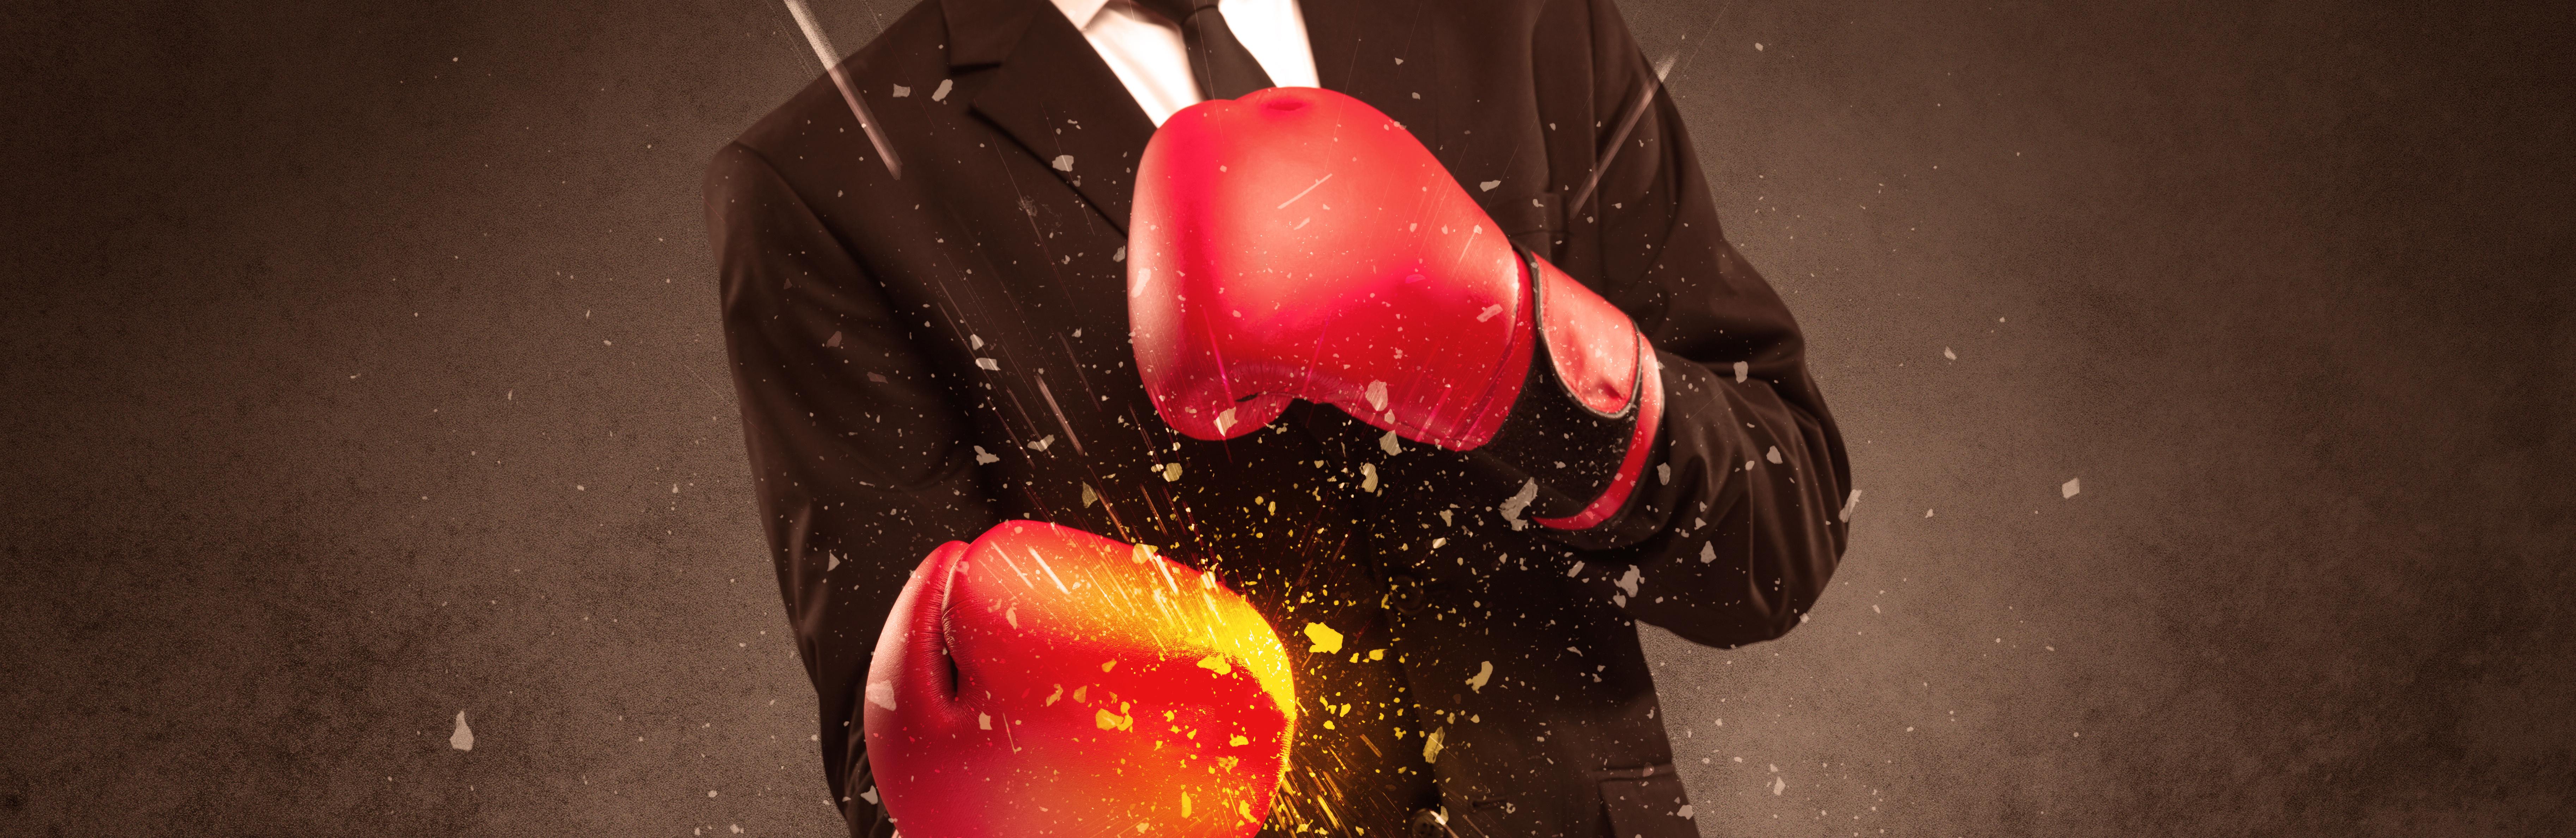 Symbolbild Mann im Anzug trägt Boxhandschuhe